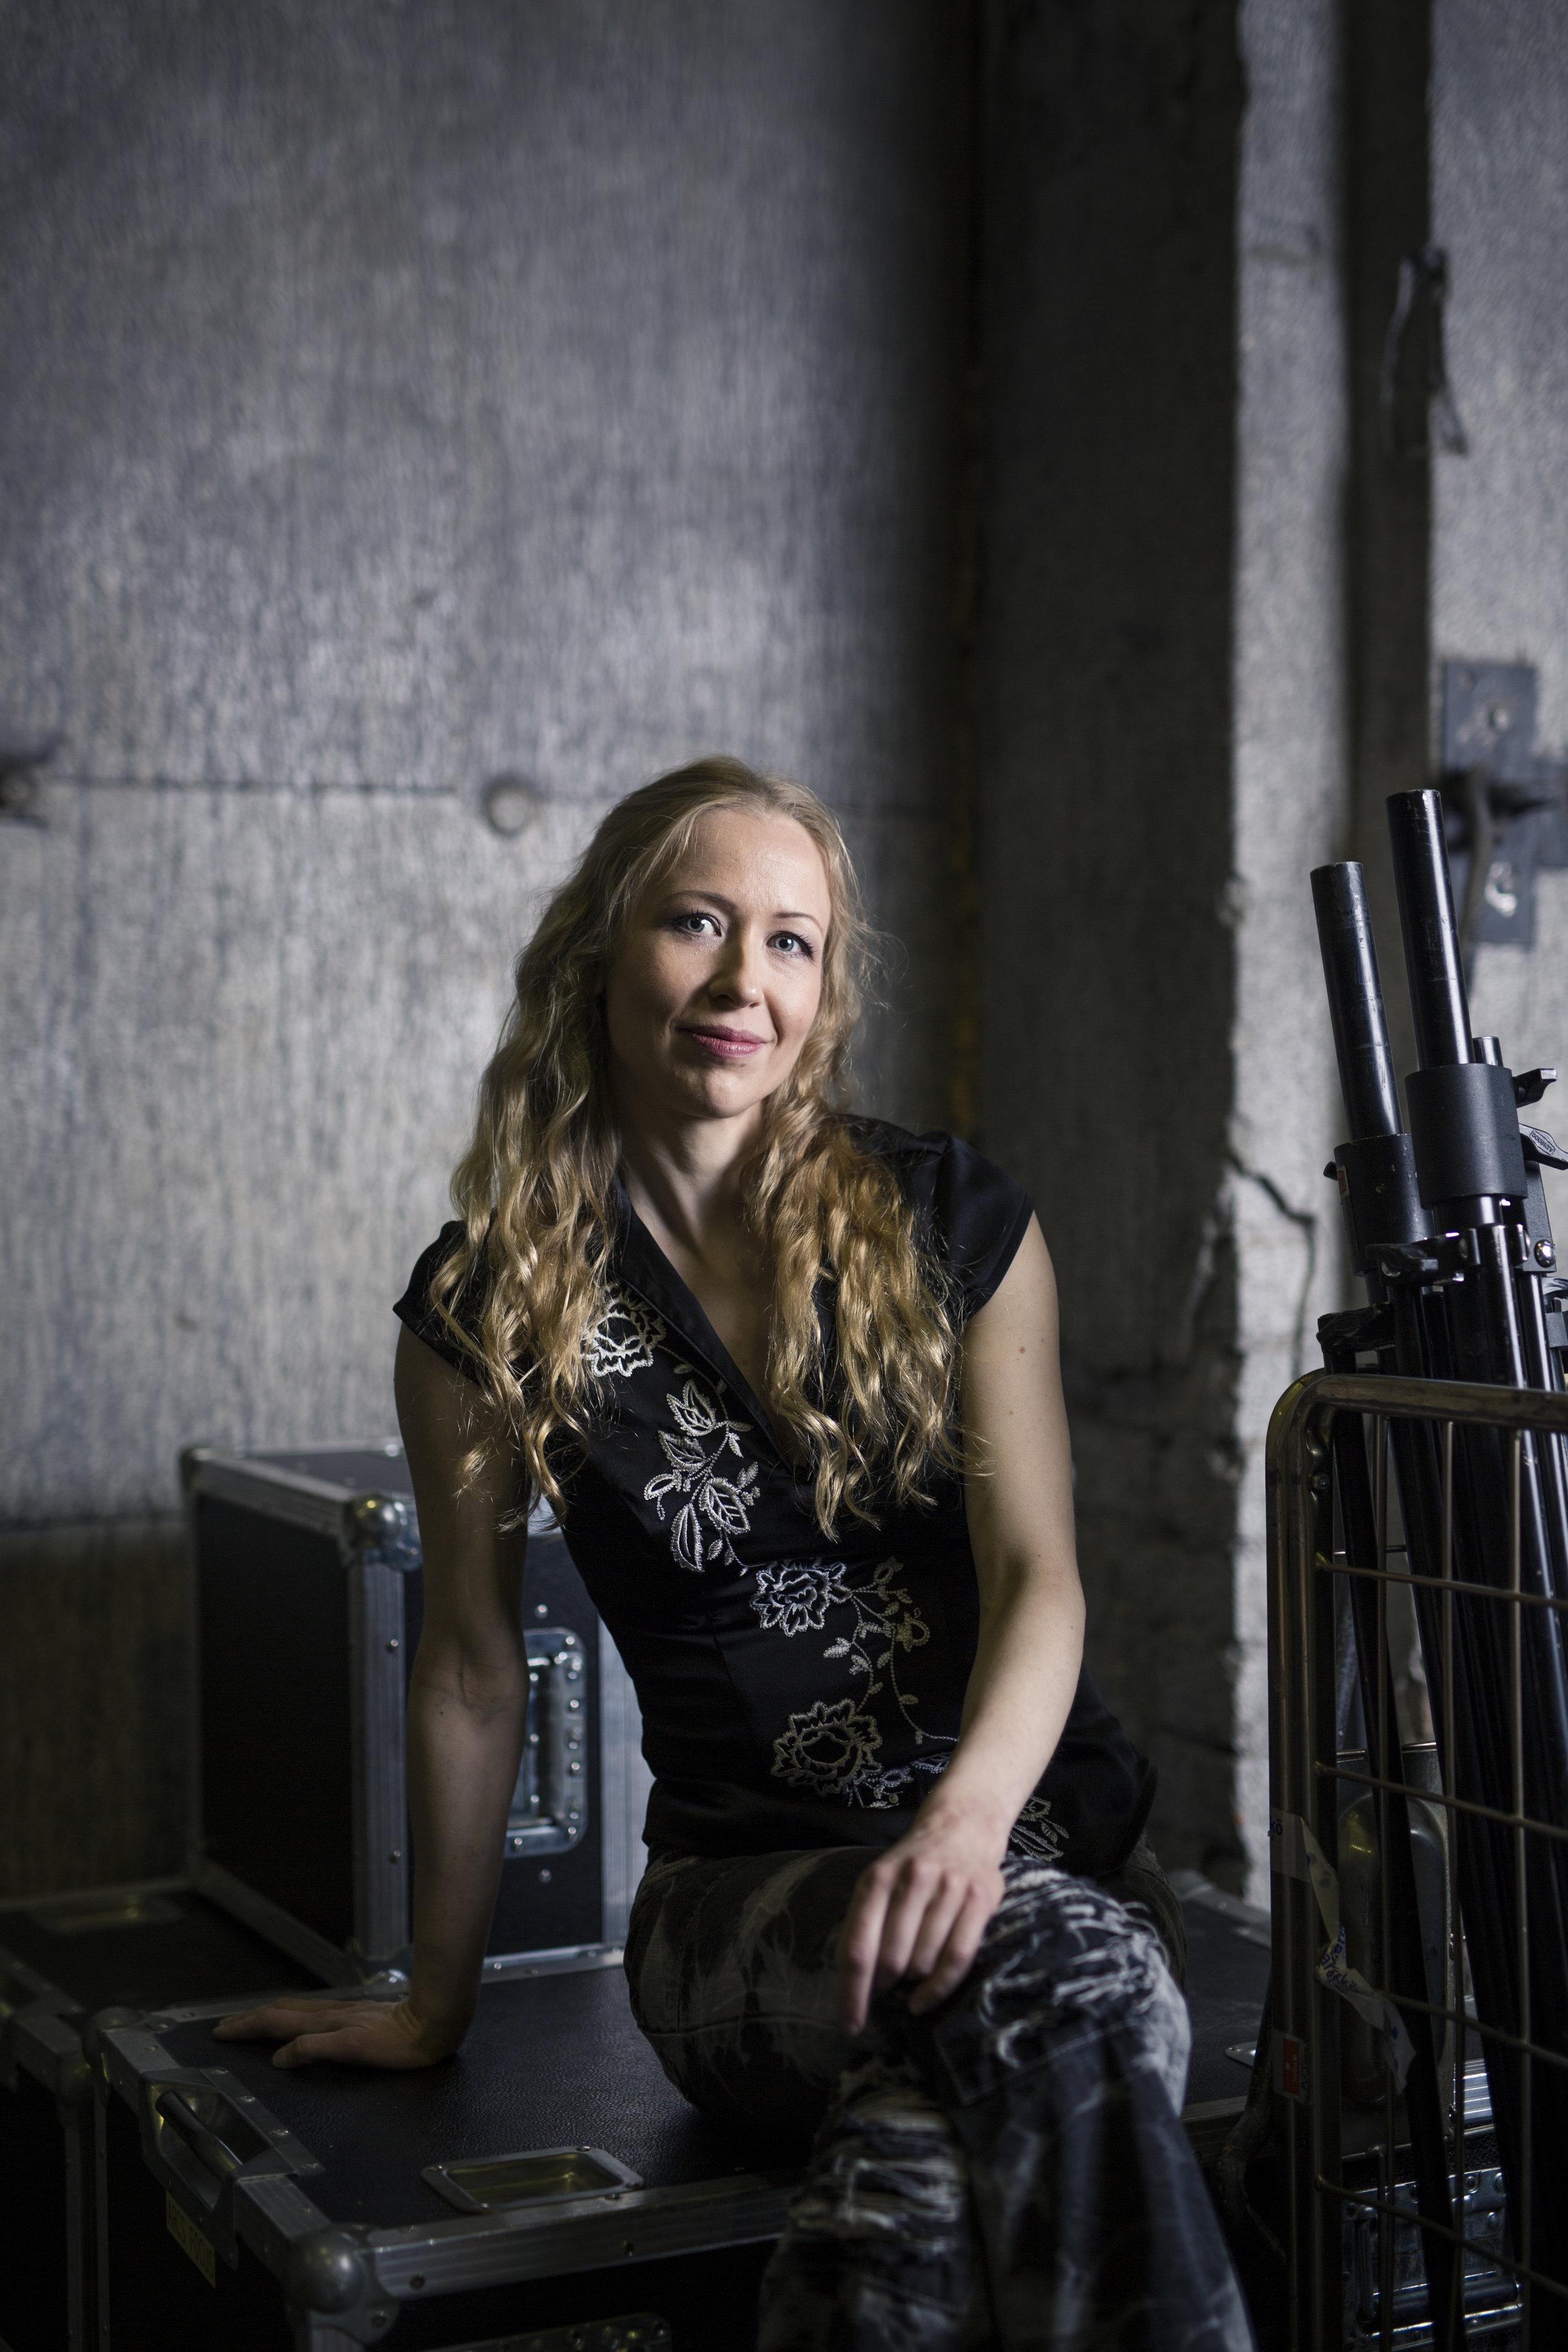 Saana Ilona Katila  (s. 1981) muutti tienvarsipitäjästä Helsinkiin vuonna 1997, löysi itsensä Lepakon aamuista, rakastui ihmisiin, tanssiin ja konemusiikkiin, kasvoi kirjoittajaksi, ryhtyi toimittajaksi, lähti vuorille, aloitti kirjan kirjoittamisen, teki uutishommia, kirjoitti kunnes kirja valmistui.    www.saanakatila.fi    Arvostelukappaleet ja haastattelut  >  heini.salminen@kosmoskirjat.fi    Pressikuvat  >  Kuva 1  /  Kuva 2  /  Kansi